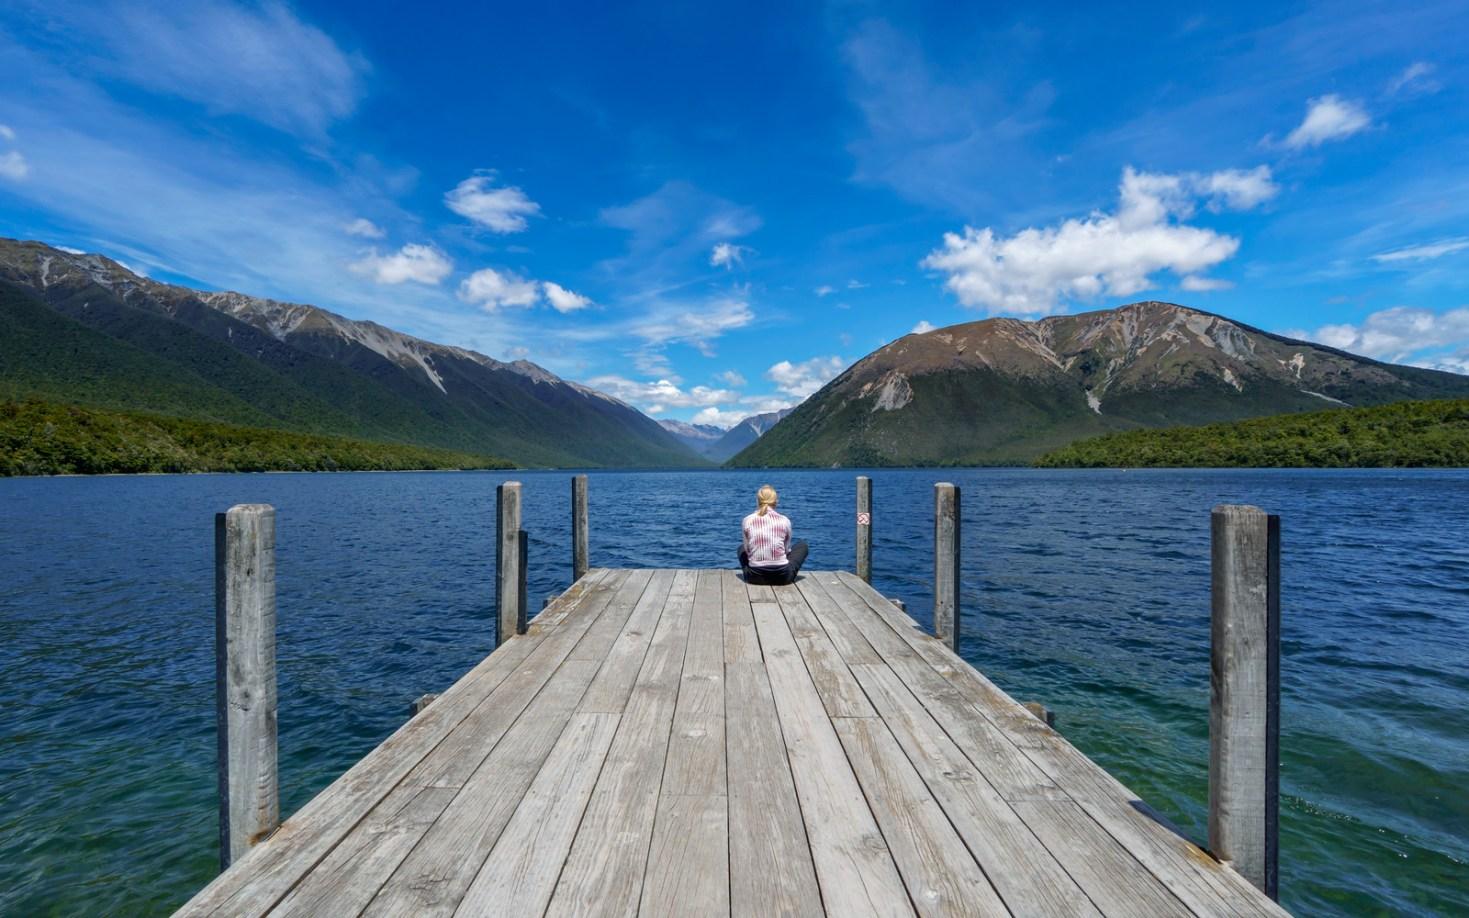 Dreaming away over the Lake Rotoiti